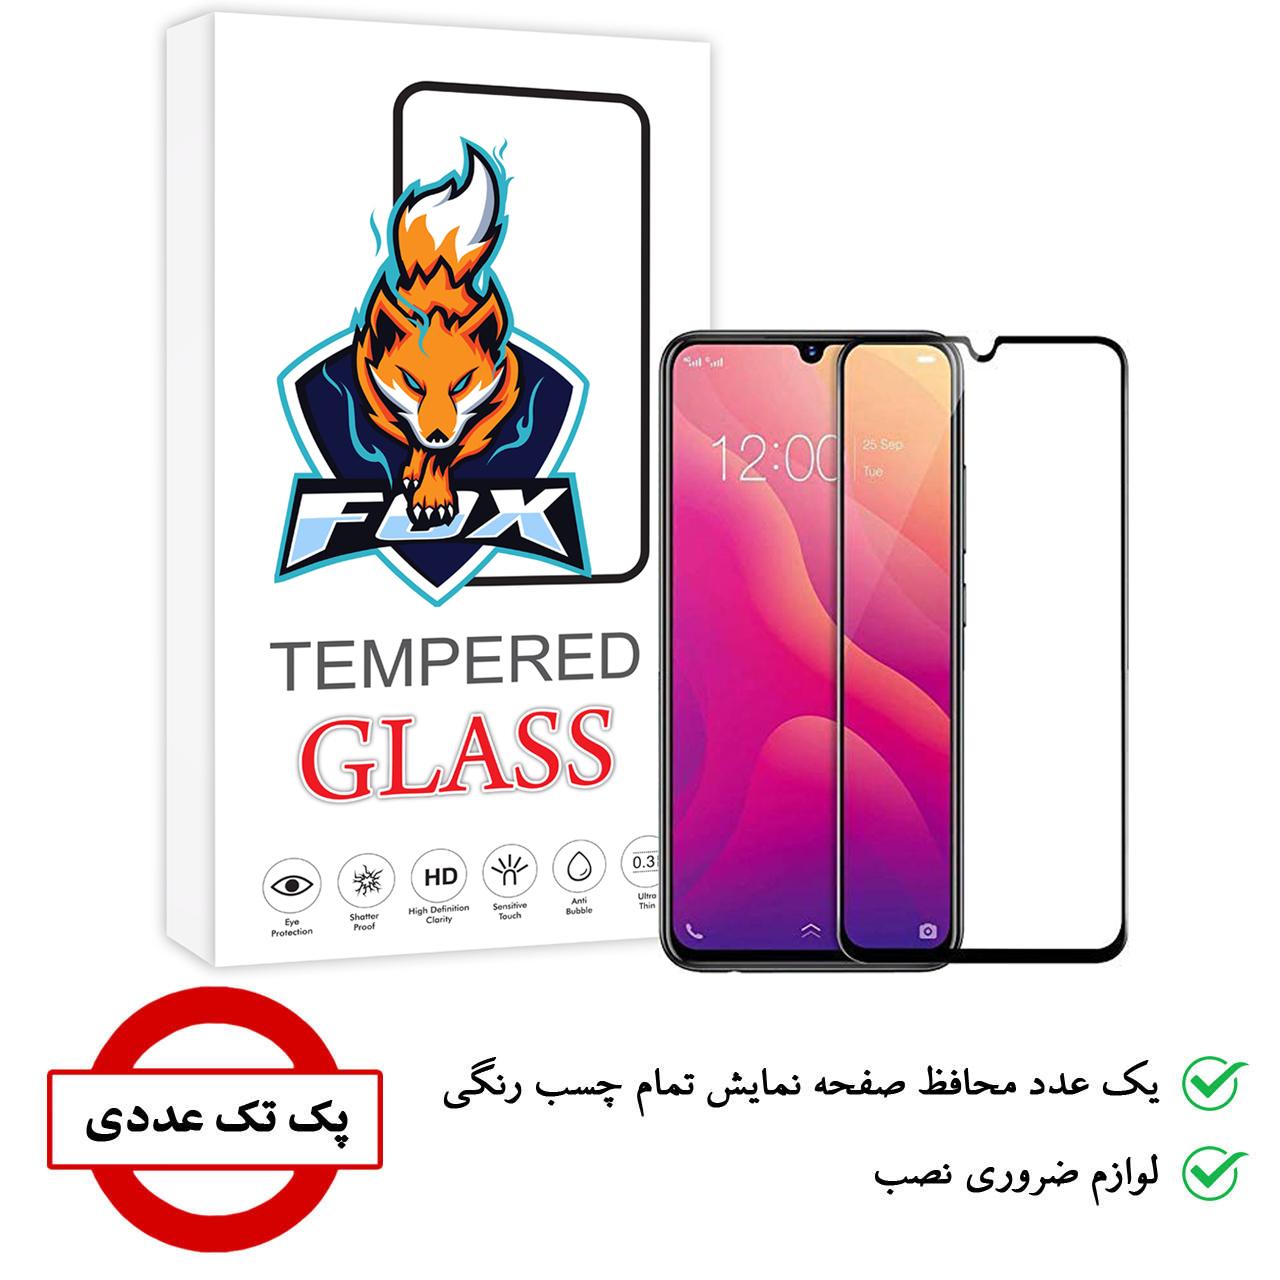 محافظ صفحه نمایش فوکس مدل PT001 مناسب برای گوشی موبایل سامسونگ Galaxy A30 main 1 1